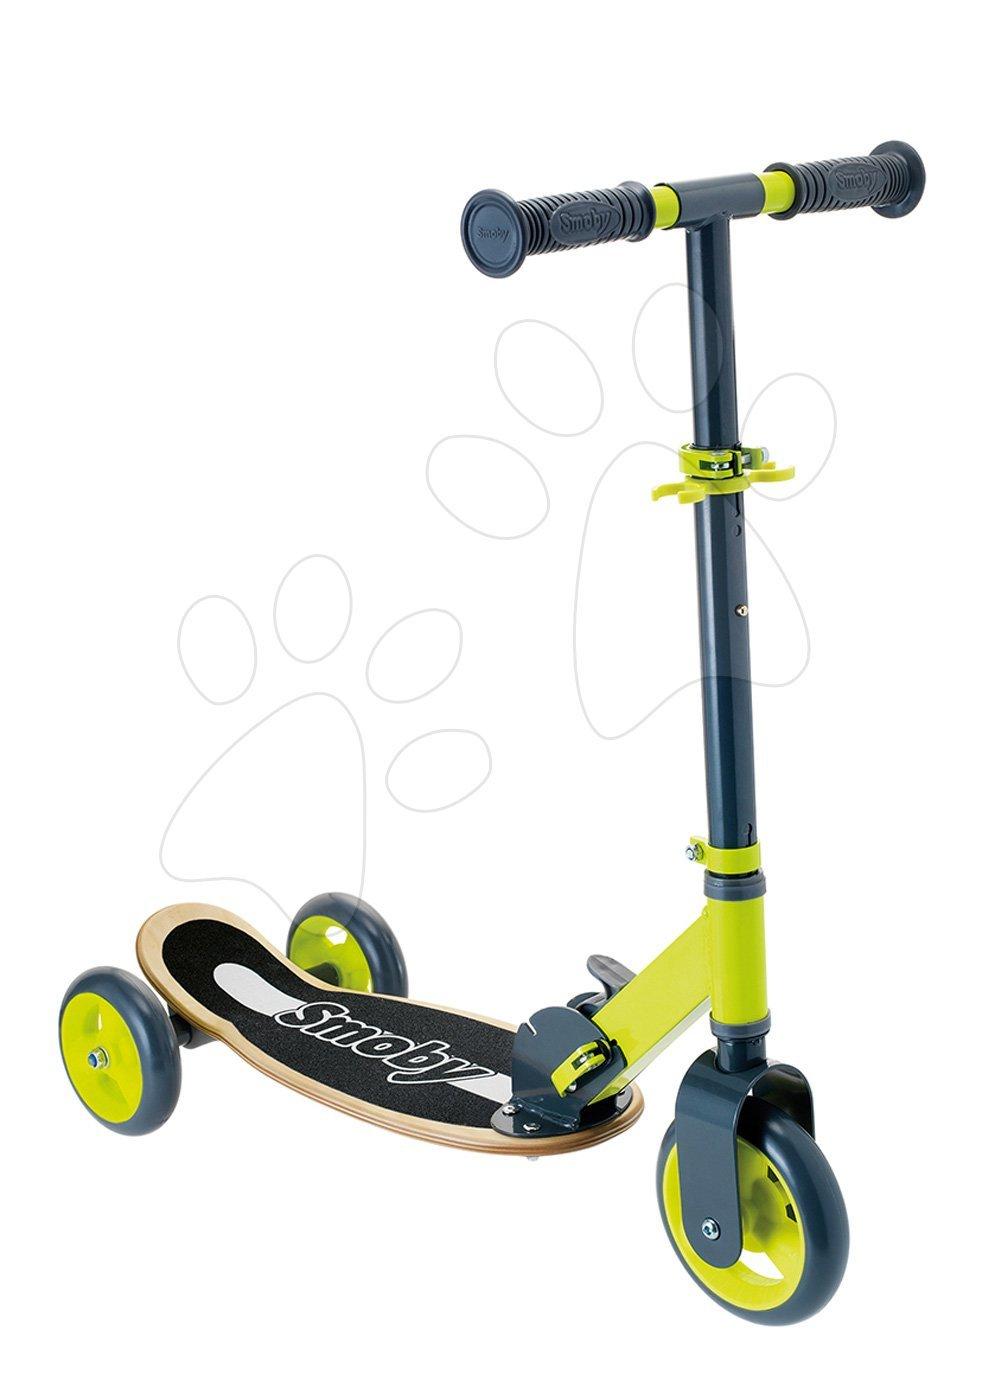 Fa háromkerekű roller Wooden Scooter Smoby összecsukható és magasságilag állítható 3 évtől